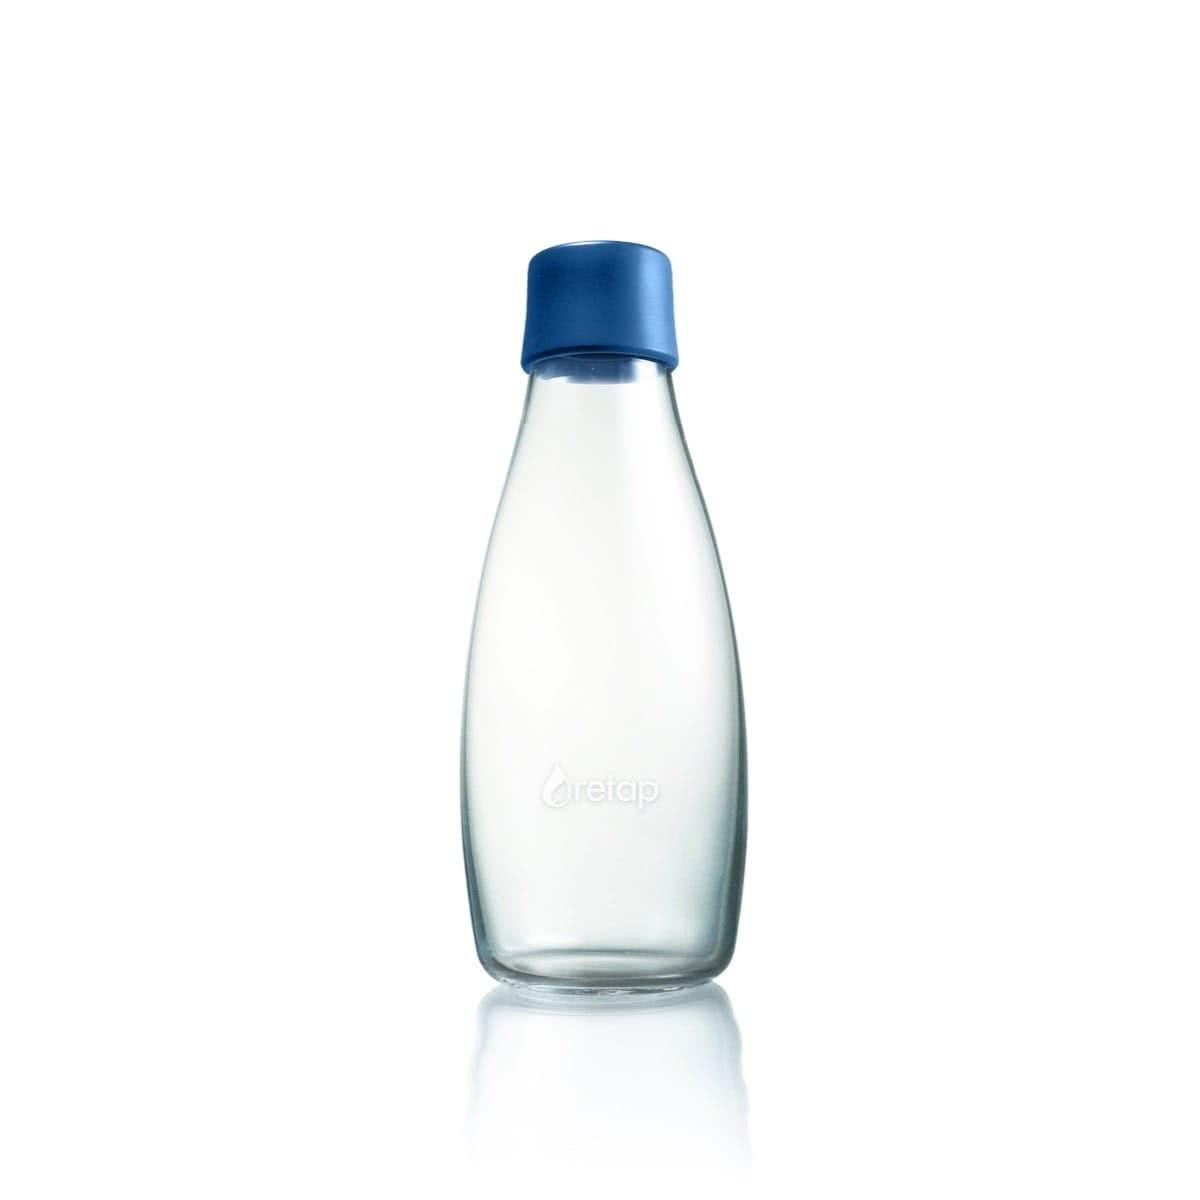 Retap Flasche Ab 990 Alle Farben Und Größen Lieferbar Ab 49